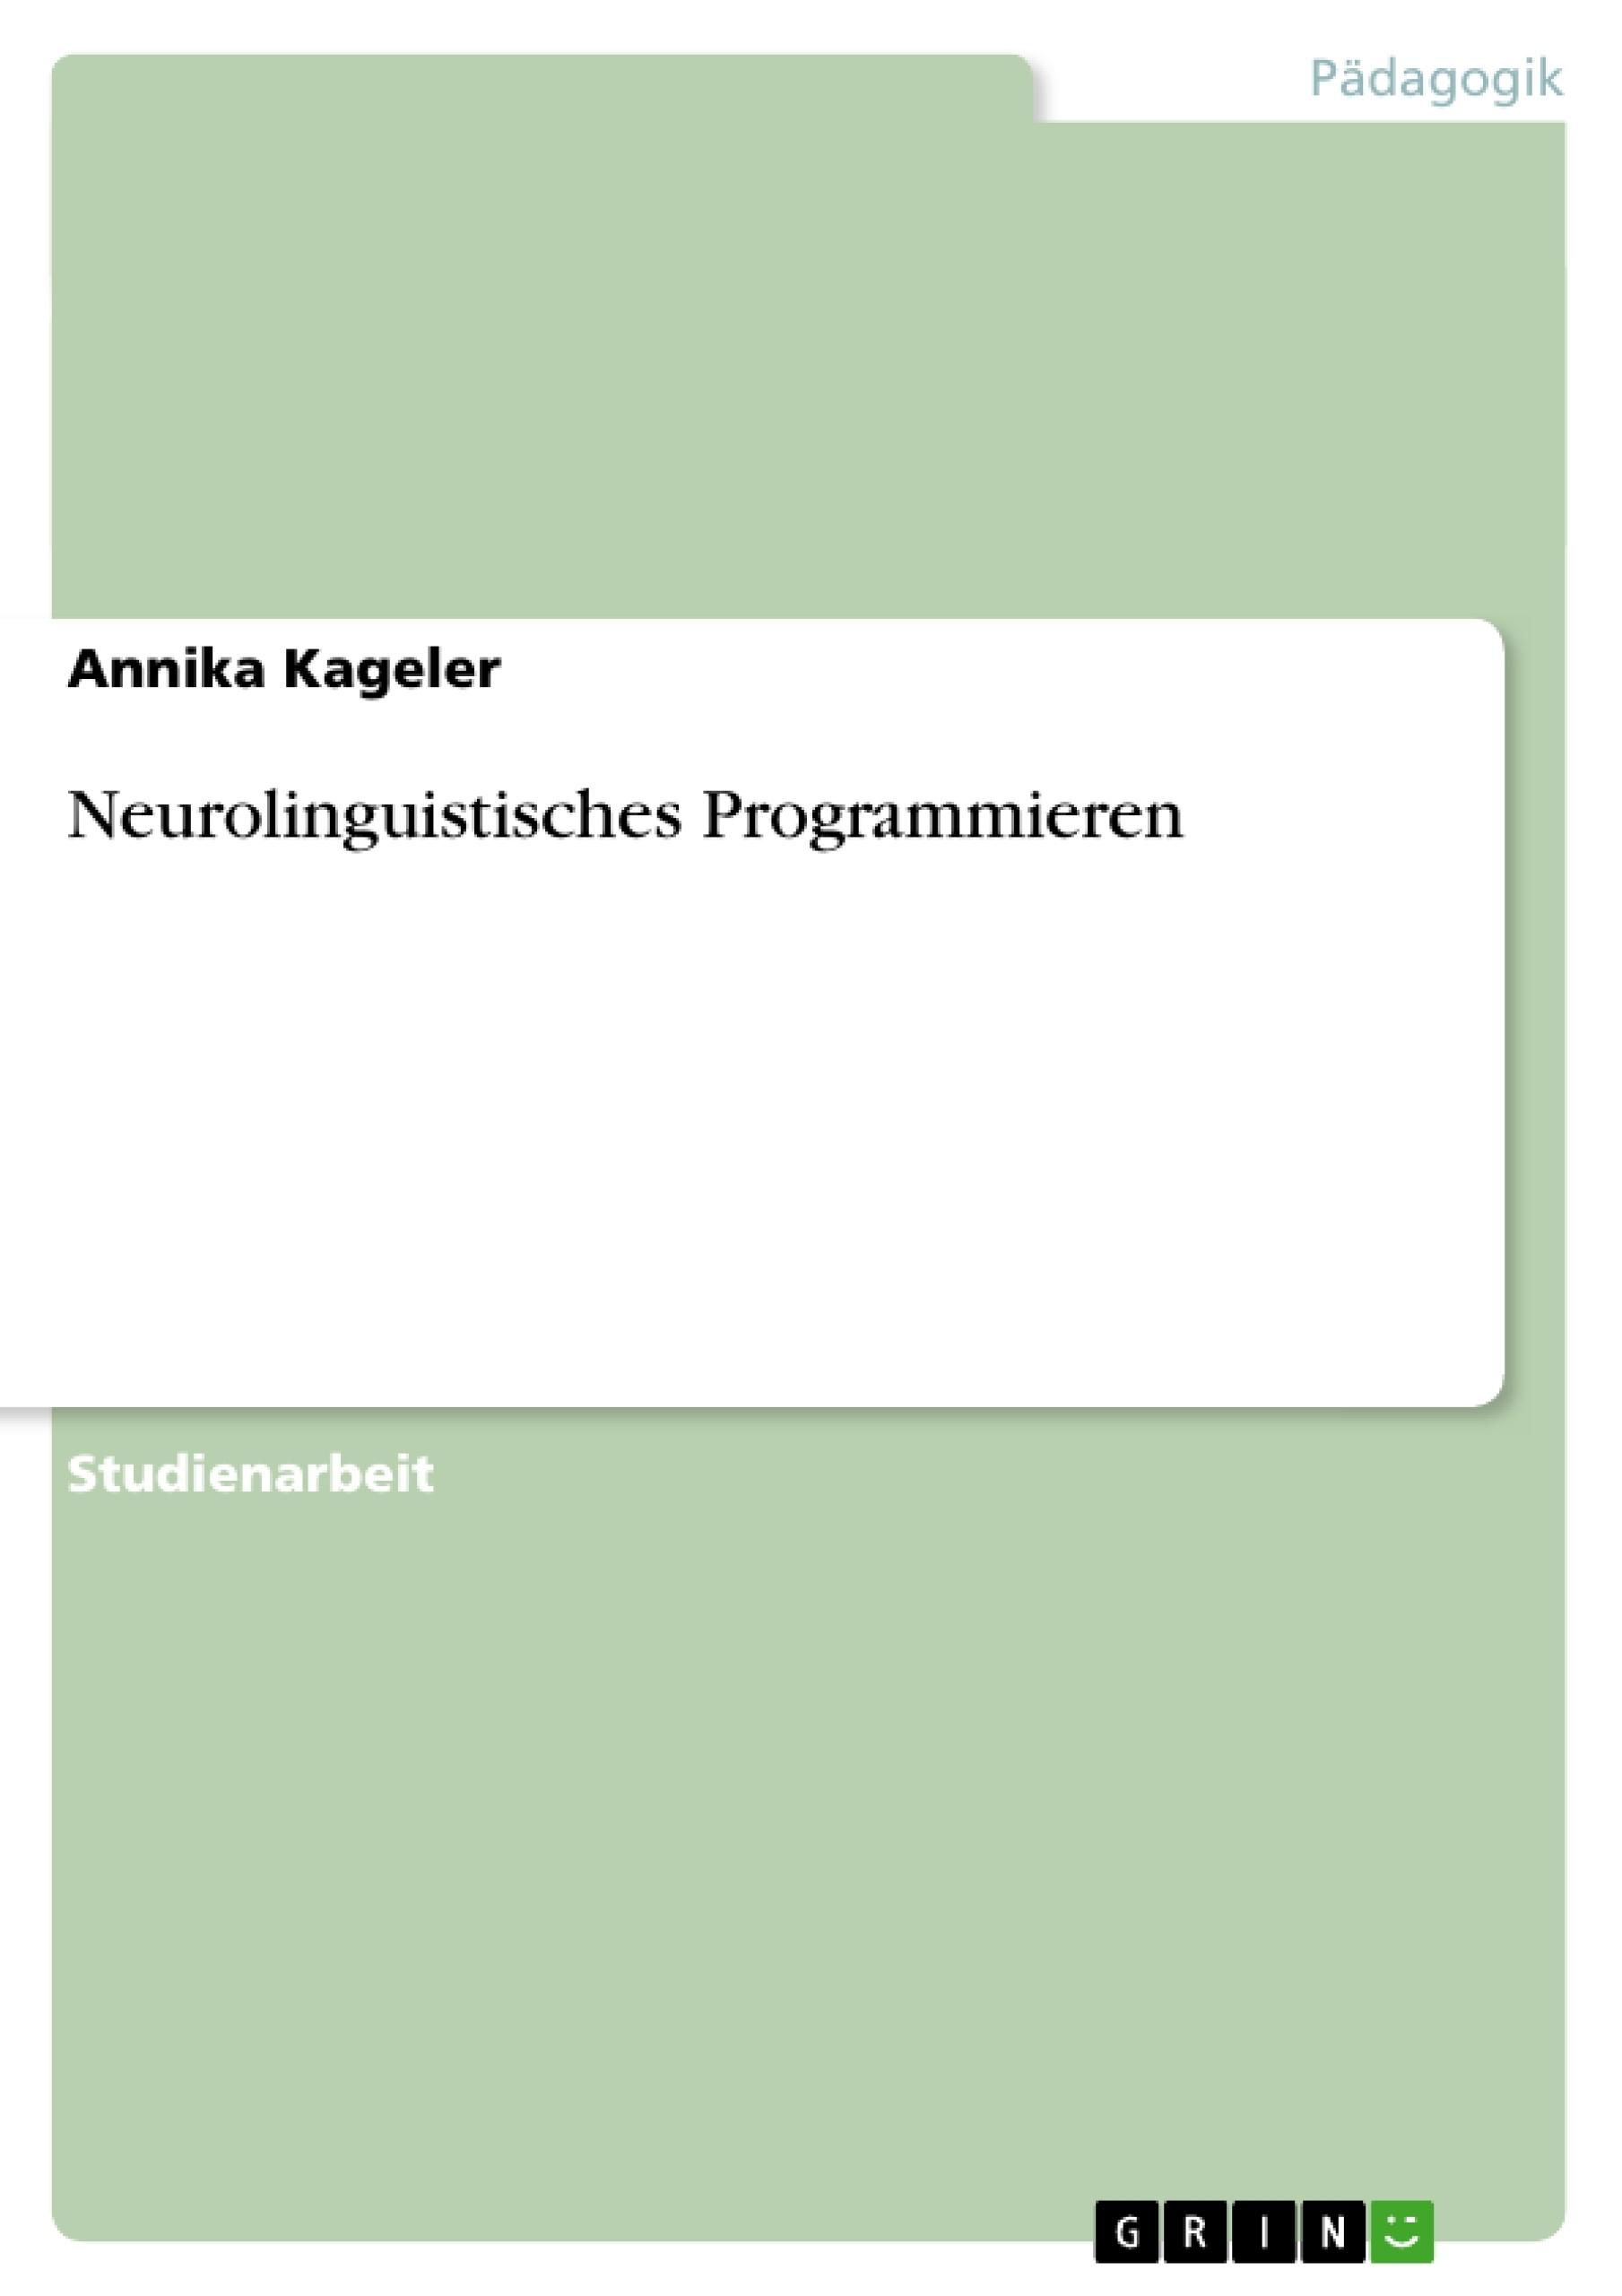 Titel: Neurolinguistisches Programmieren